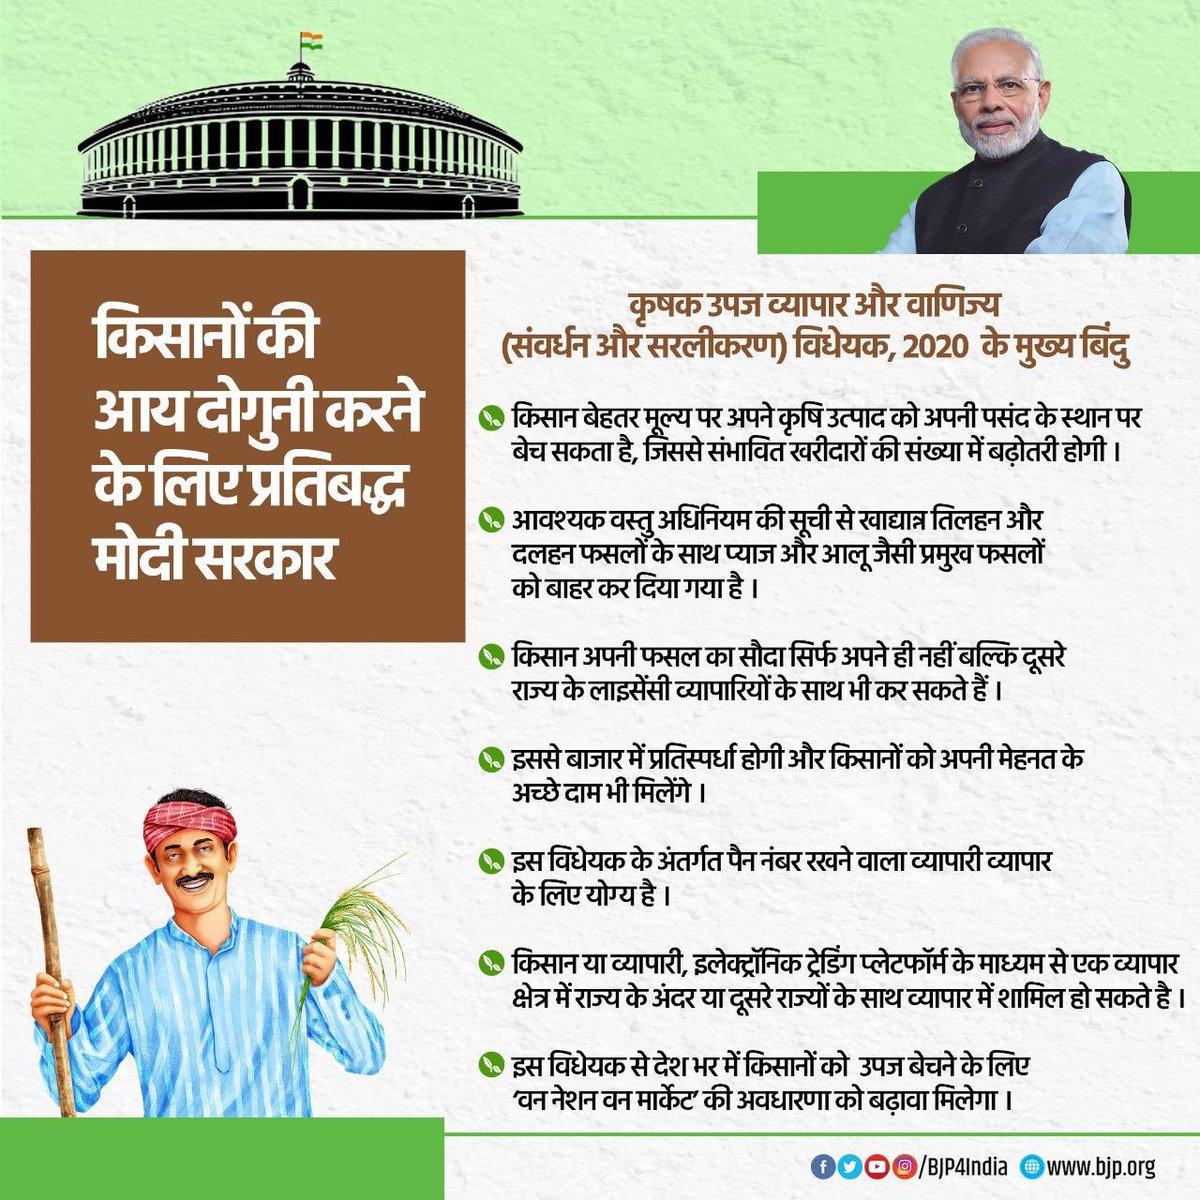 मोदी सरकार हमेशा से किसानों के हित में फ़ैसले लेती आयी है, पहले भी कोरोना काल में मोदी सरकार ने ही किसान भाइयों के खातों में धनराशि भेजी थी और आज इस नए बिल से किसानों का जीवन और सरल होगा, इसके कुछ प्रमुख बिंदुओं को आप पढ़िए और विपक्ष के द्वारा फैलाए भ्रम से बचे https://t.co/YT2kmqWR80